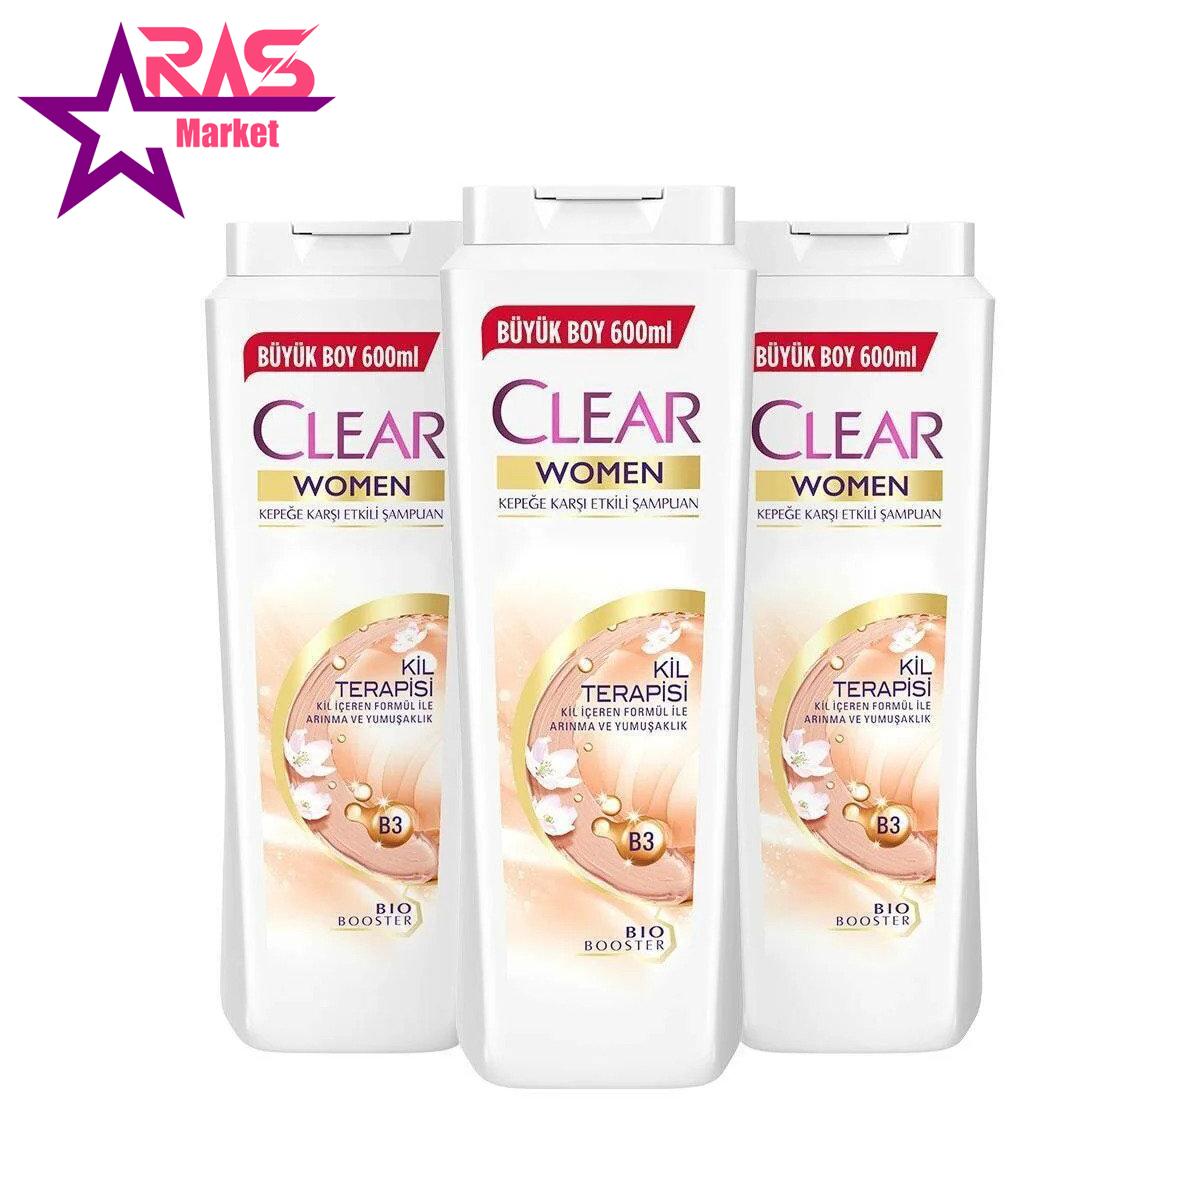 شامپو زنانه کلیر ضدشوره مدل Kil Terapisi نرم و براق کننده مو 600 میلی لیتر ، فروشگاه اینترنتی ارس مارکت ، clear women shampoo